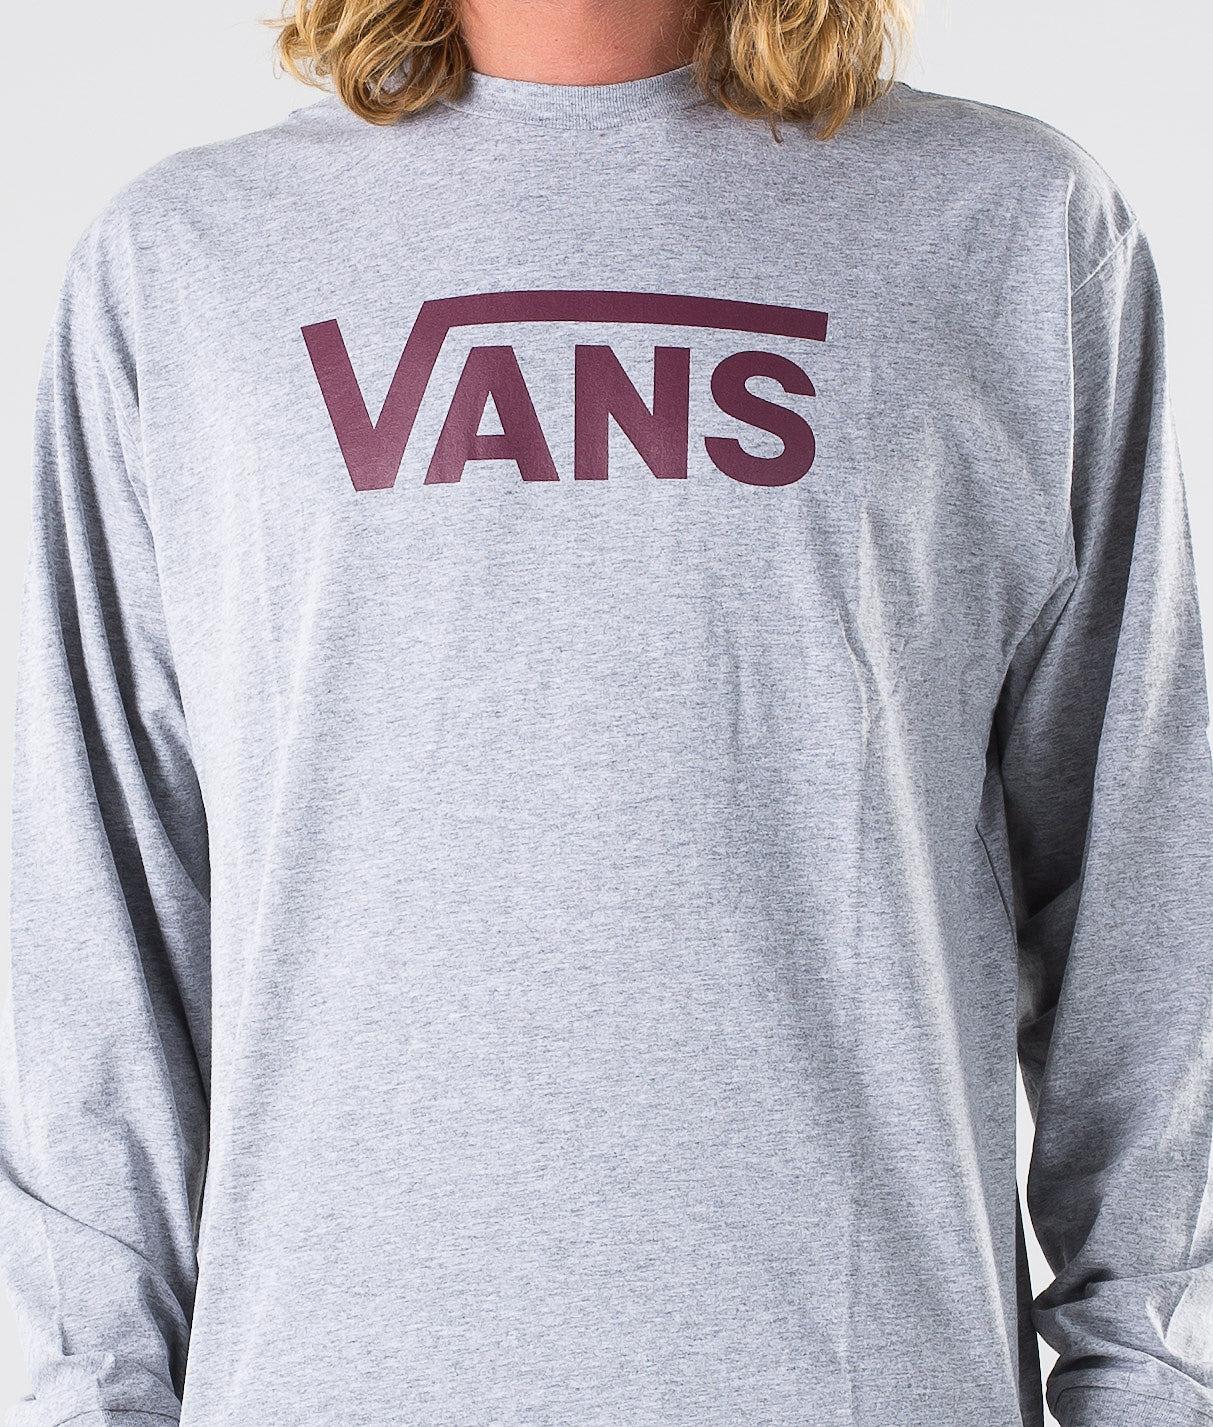 Vans Vans Classic Longsleeve Athletic Heather/Prune